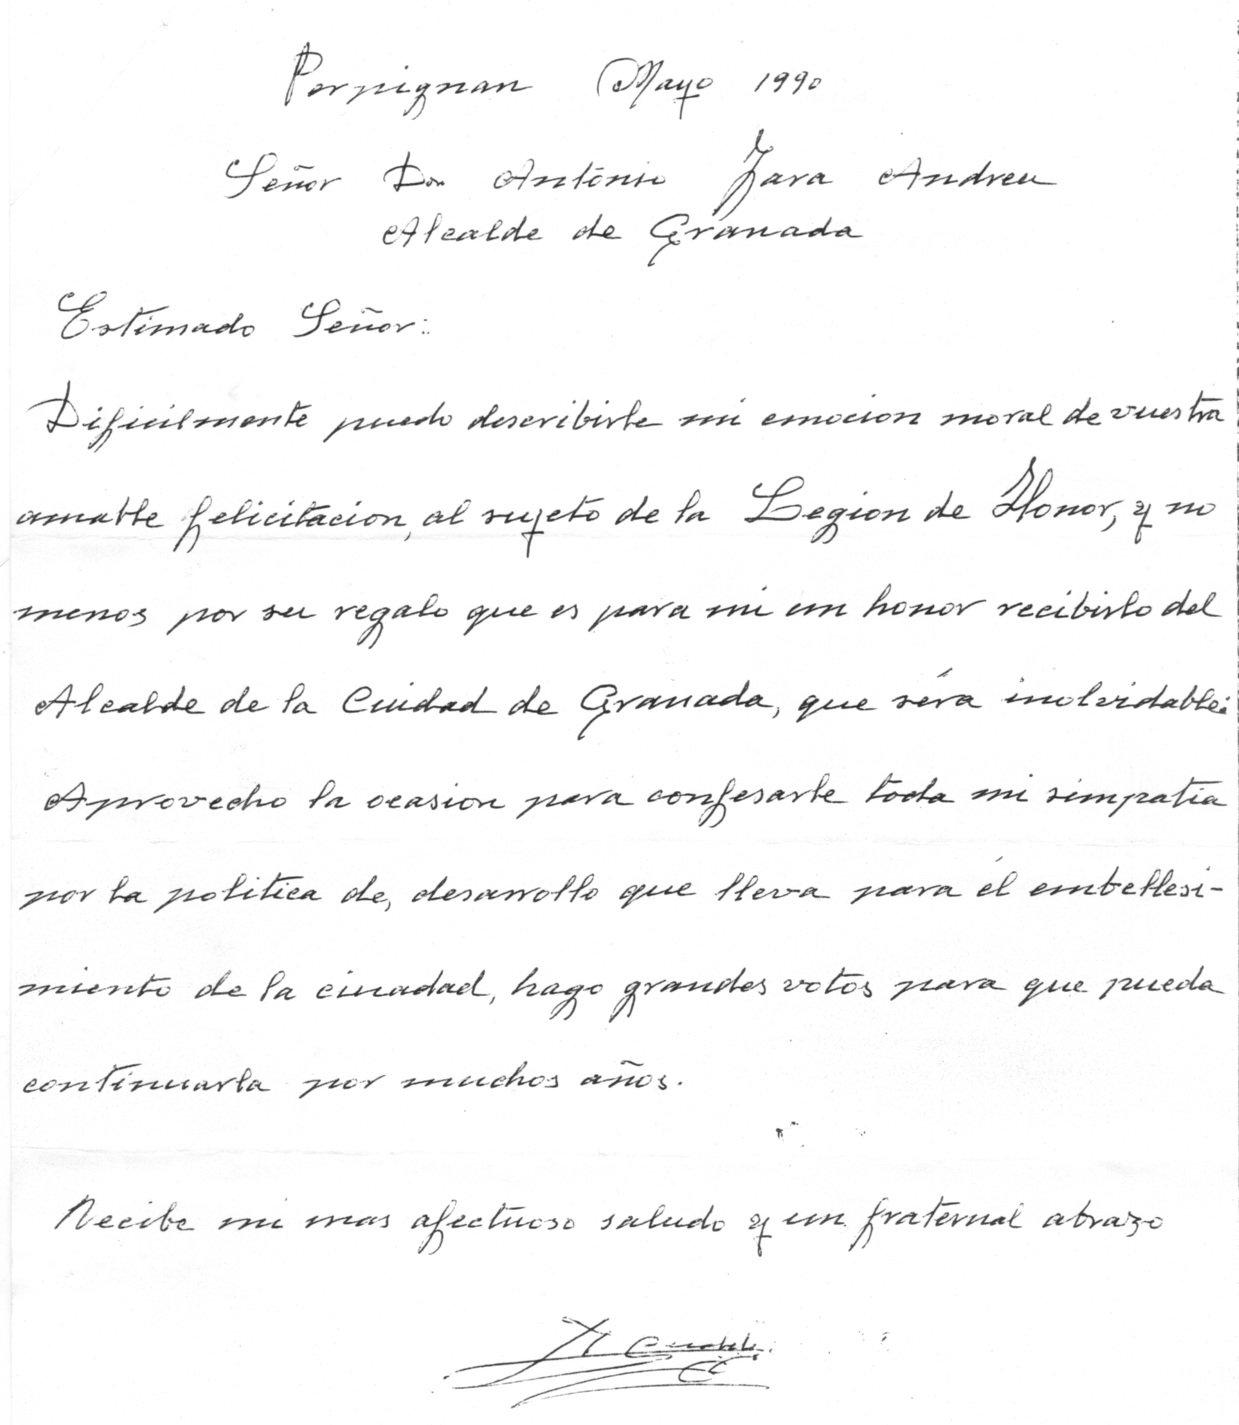 Carta dirigida al exalcalde Antonio Jara para agradecerle la distinción de la Medalla de la Ciudad.